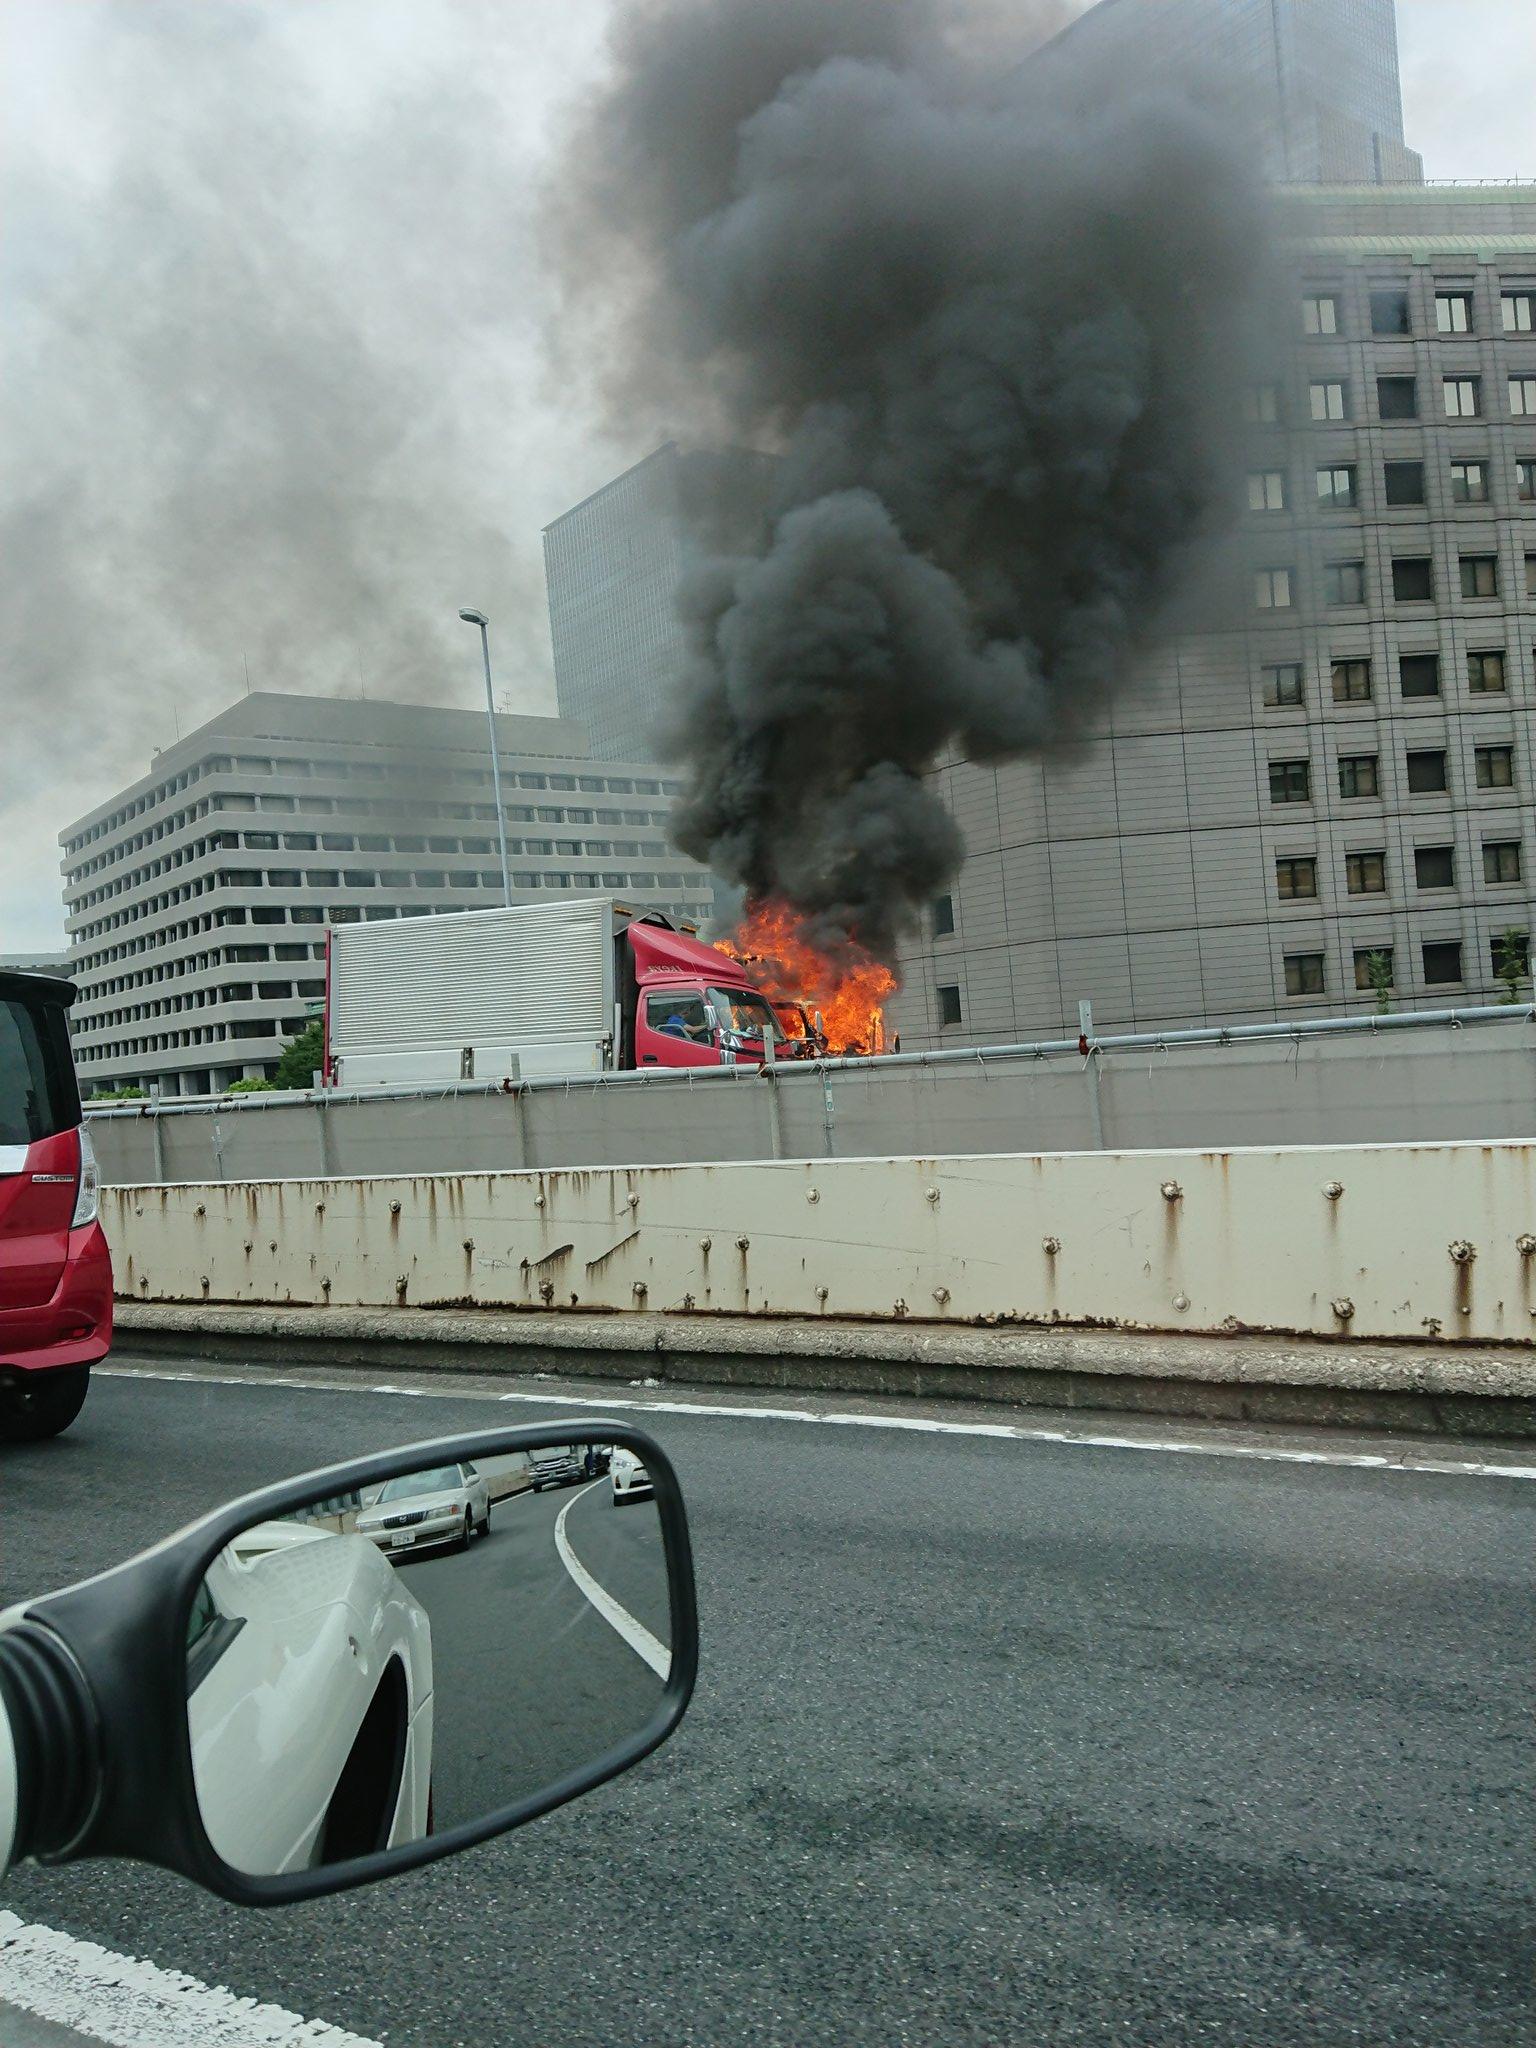 首都高でトラックが燃えている車両火災現場の画像